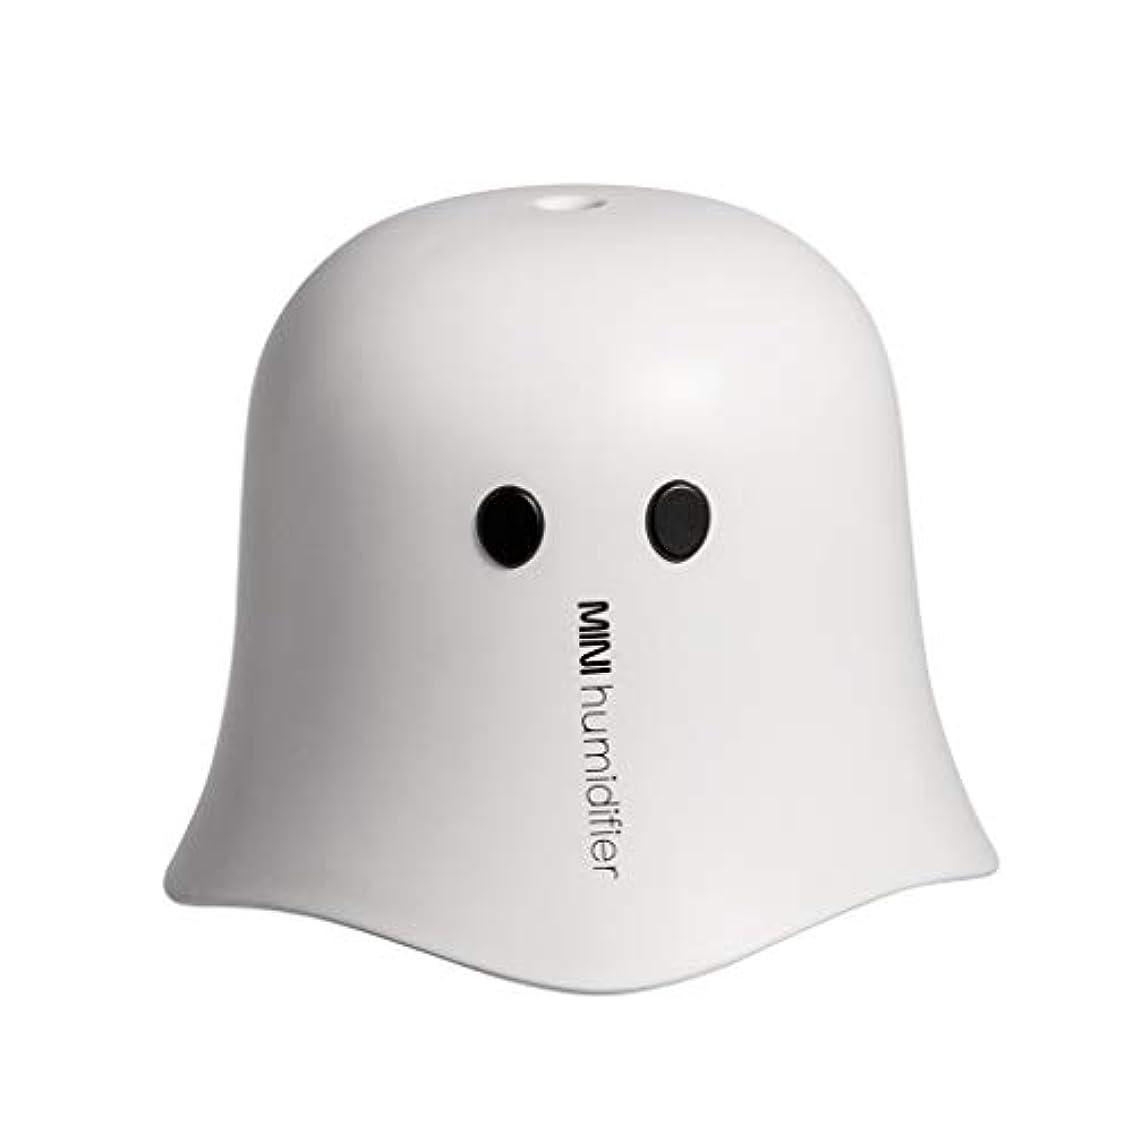 ダイヤルラインナップぺディカブ加湿器 卓上 可愛い ナイトライト 間接照明 静音 節電 省エネ 花粉対策 乾燥防止 空焚き防止 ミニ加湿器 小型 持ち運び便利 卓上加湿 220ml (ホワイト)